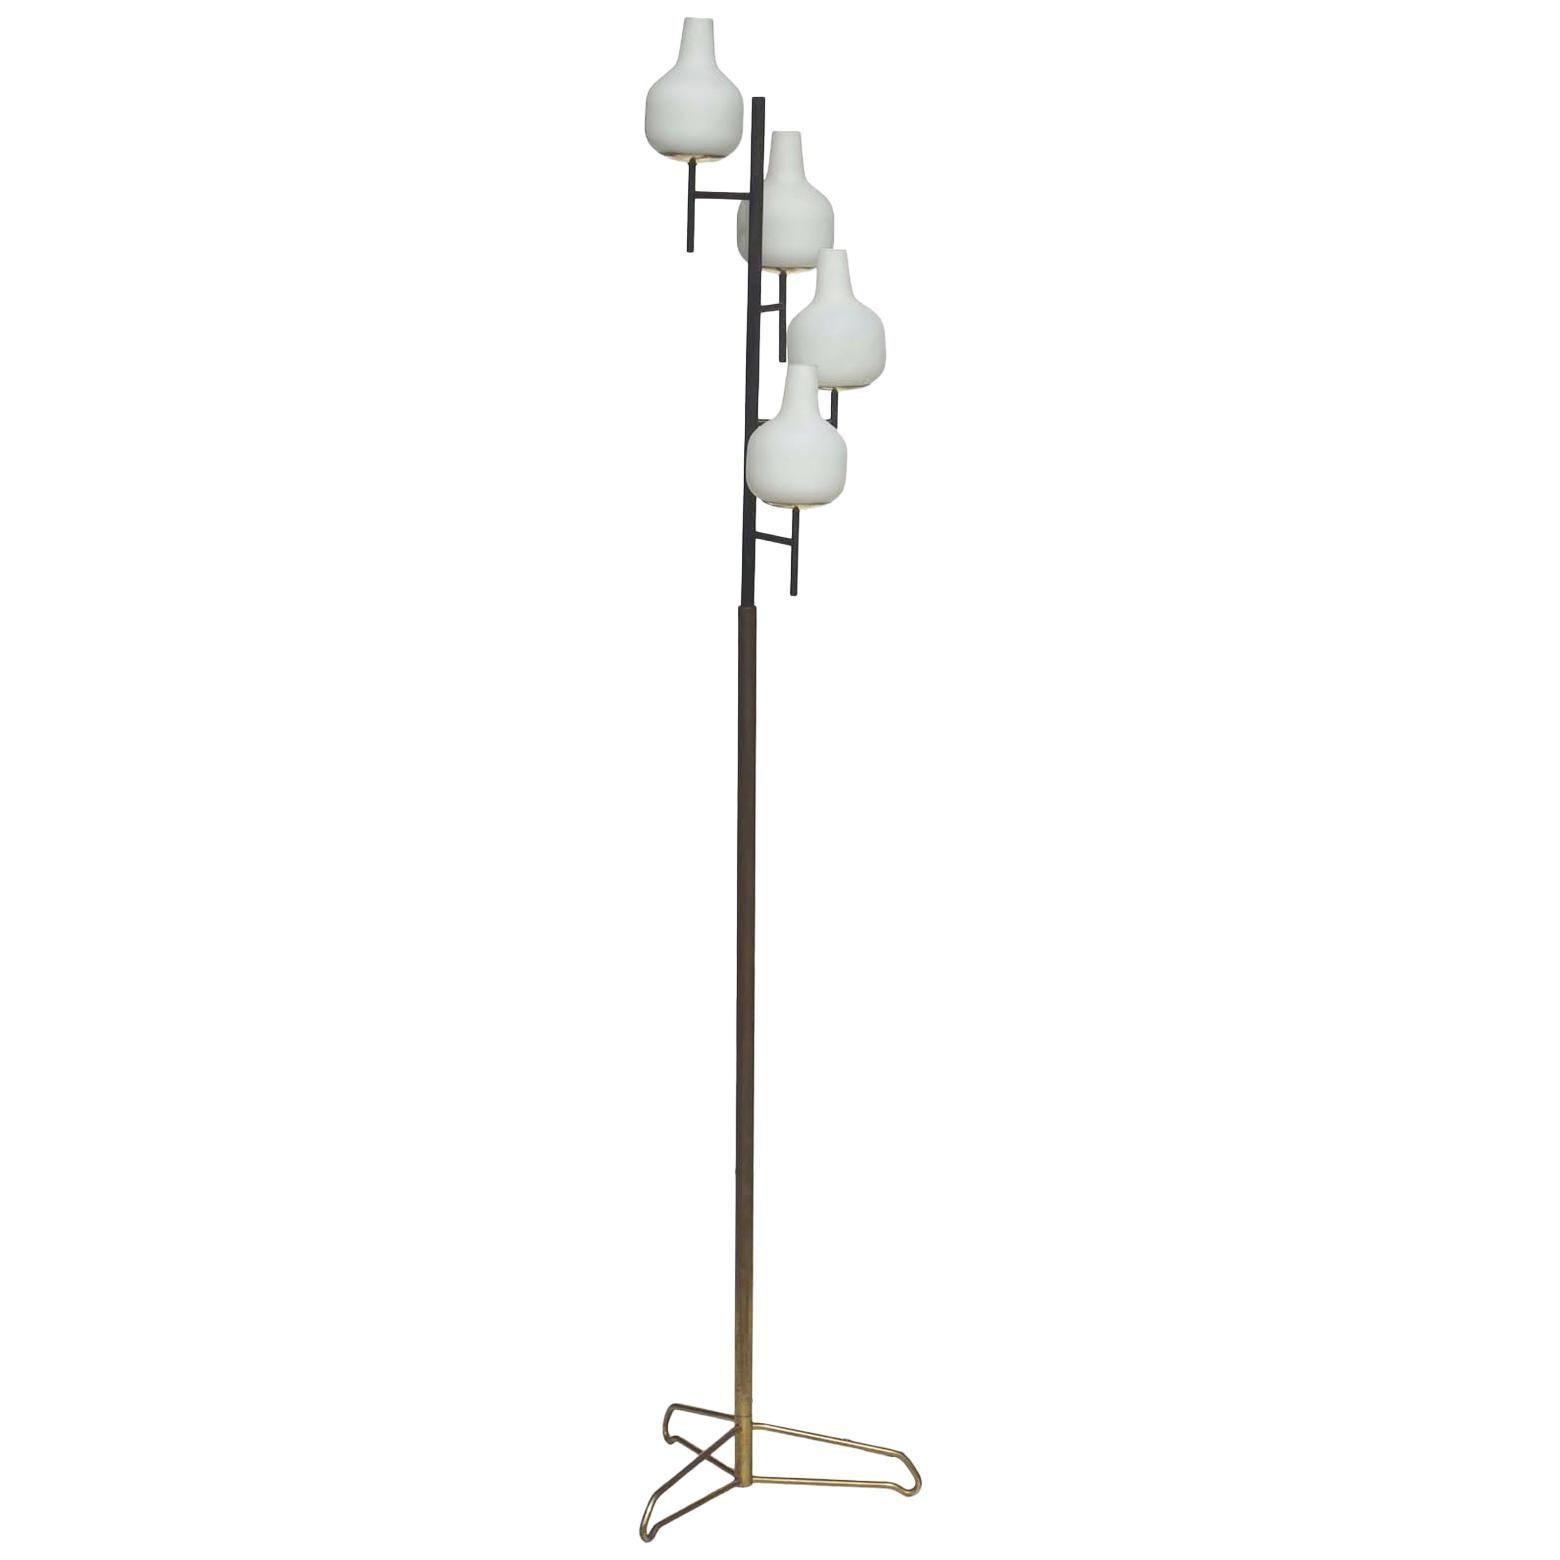 1950s by Stilnovo Italian Midcentury Design Floor Lamp